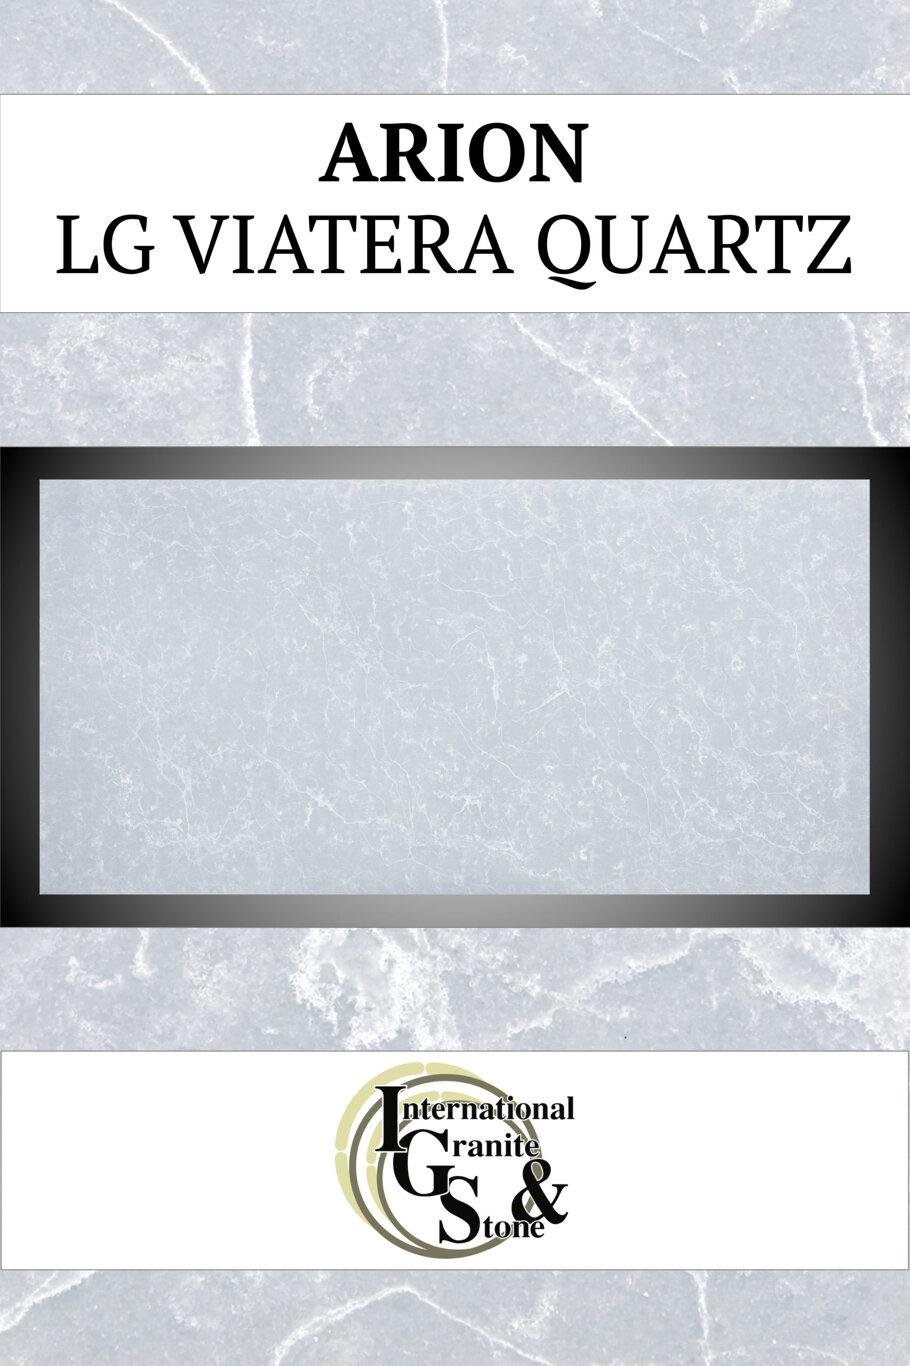 Arion LG Viatera Quartz Countertops